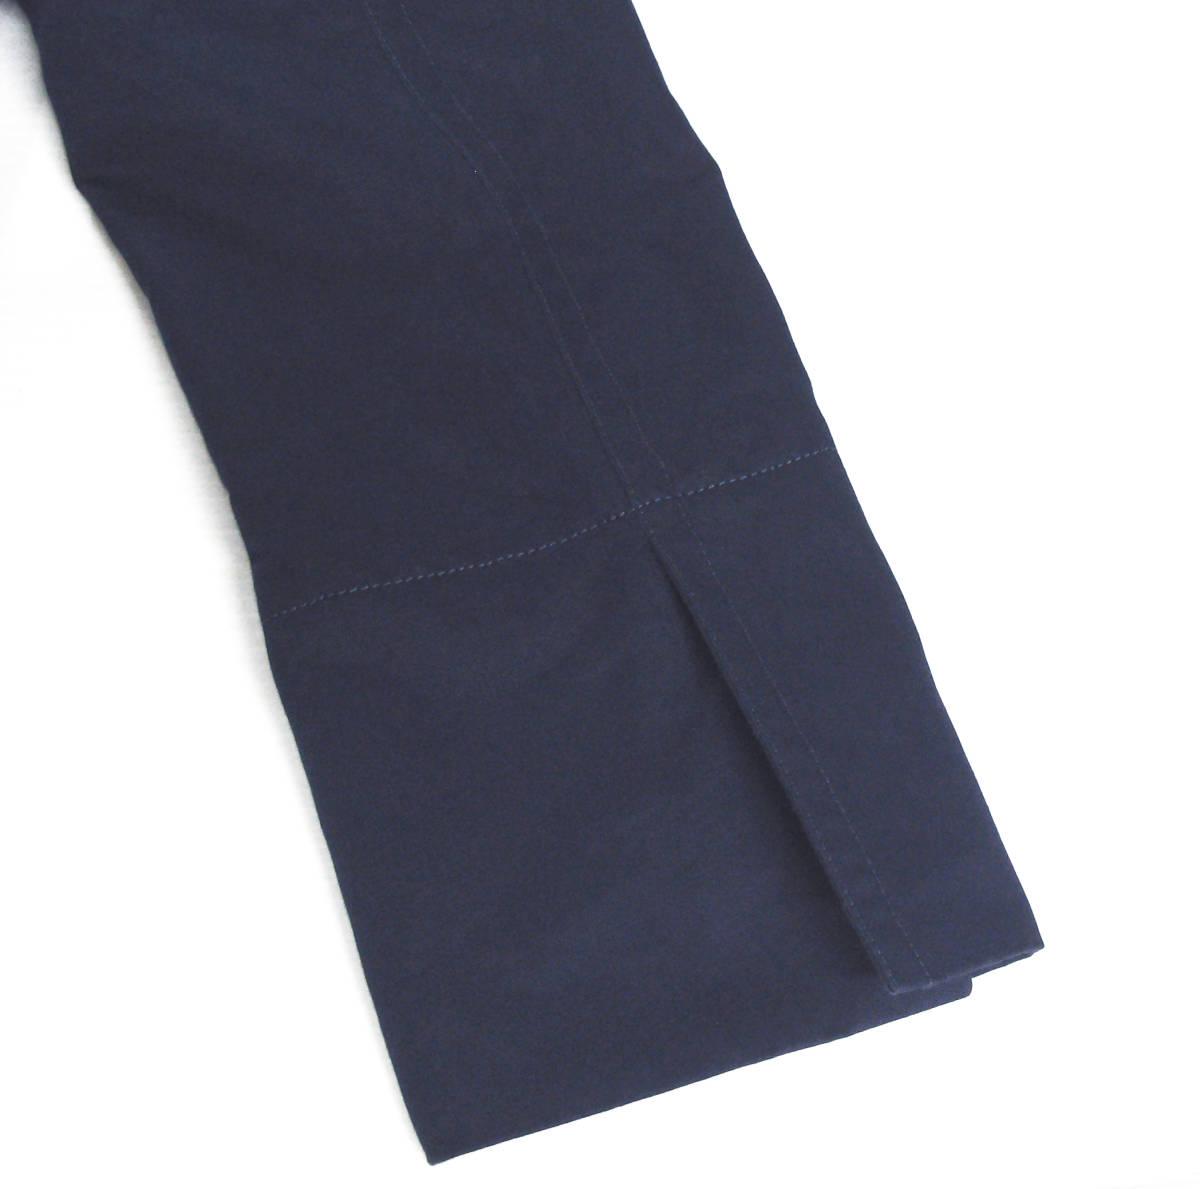 マルニ MARNI:綿/麻混紡素材 ジャケット 紺 40 ( jacket ブルゾン _画像5